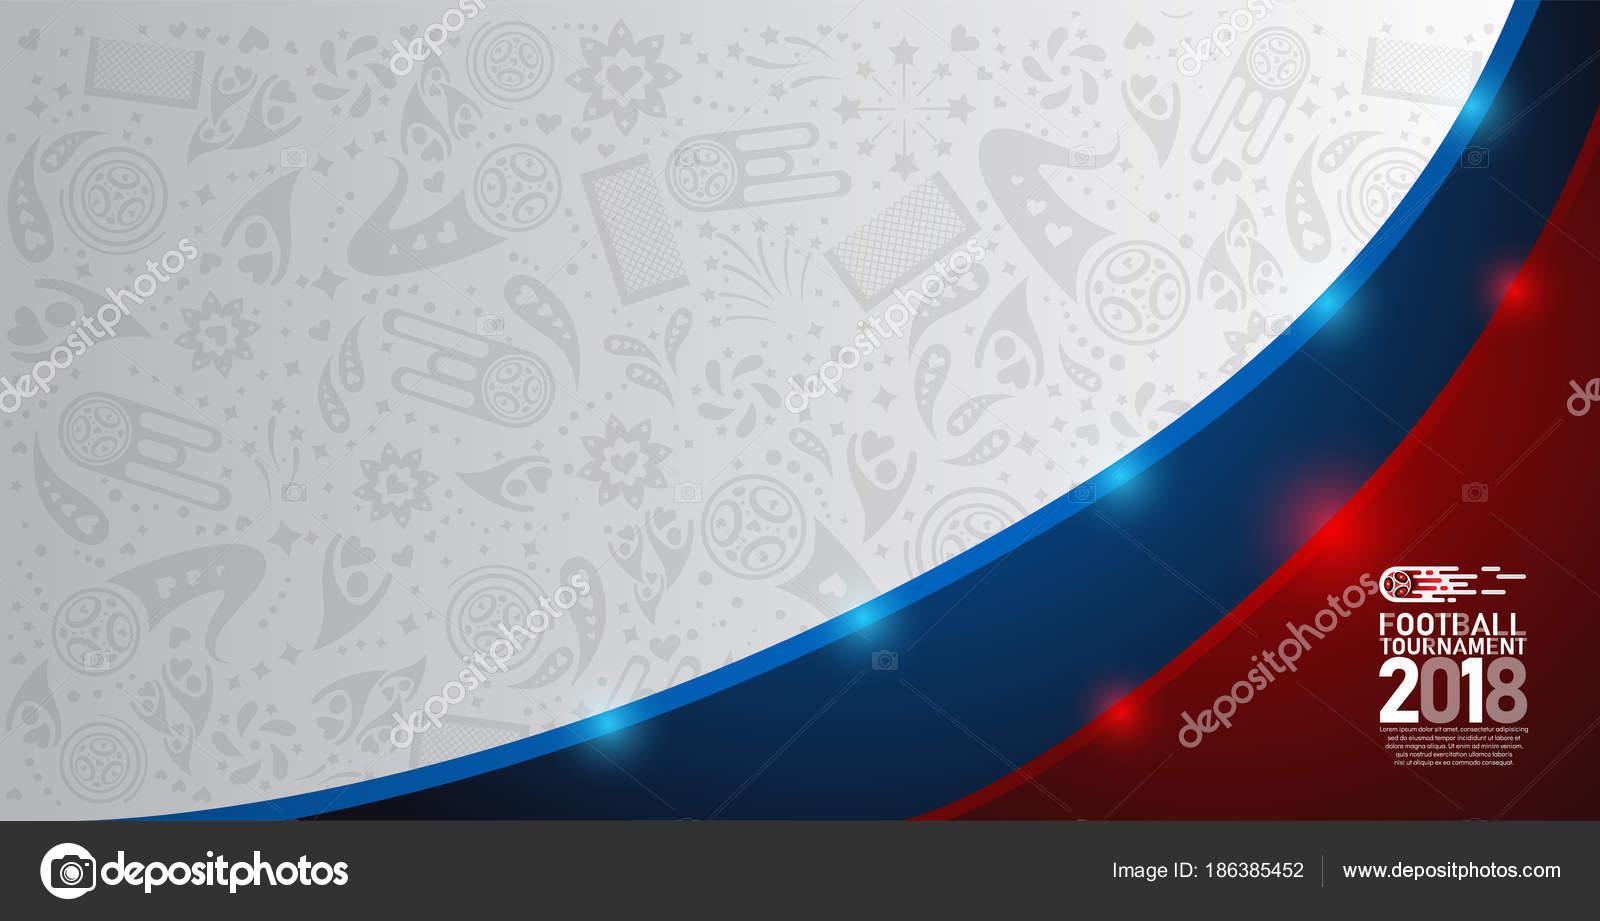 Campeonato Fútbol Copa Mundial 2018 Blanco Azul Rojo